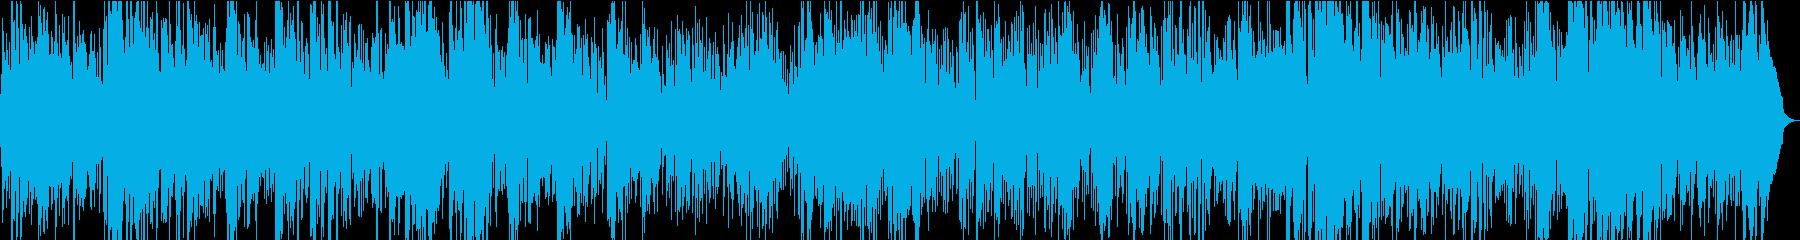 生演奏ボサノバ・サックス・店舗BGMなどの再生済みの波形